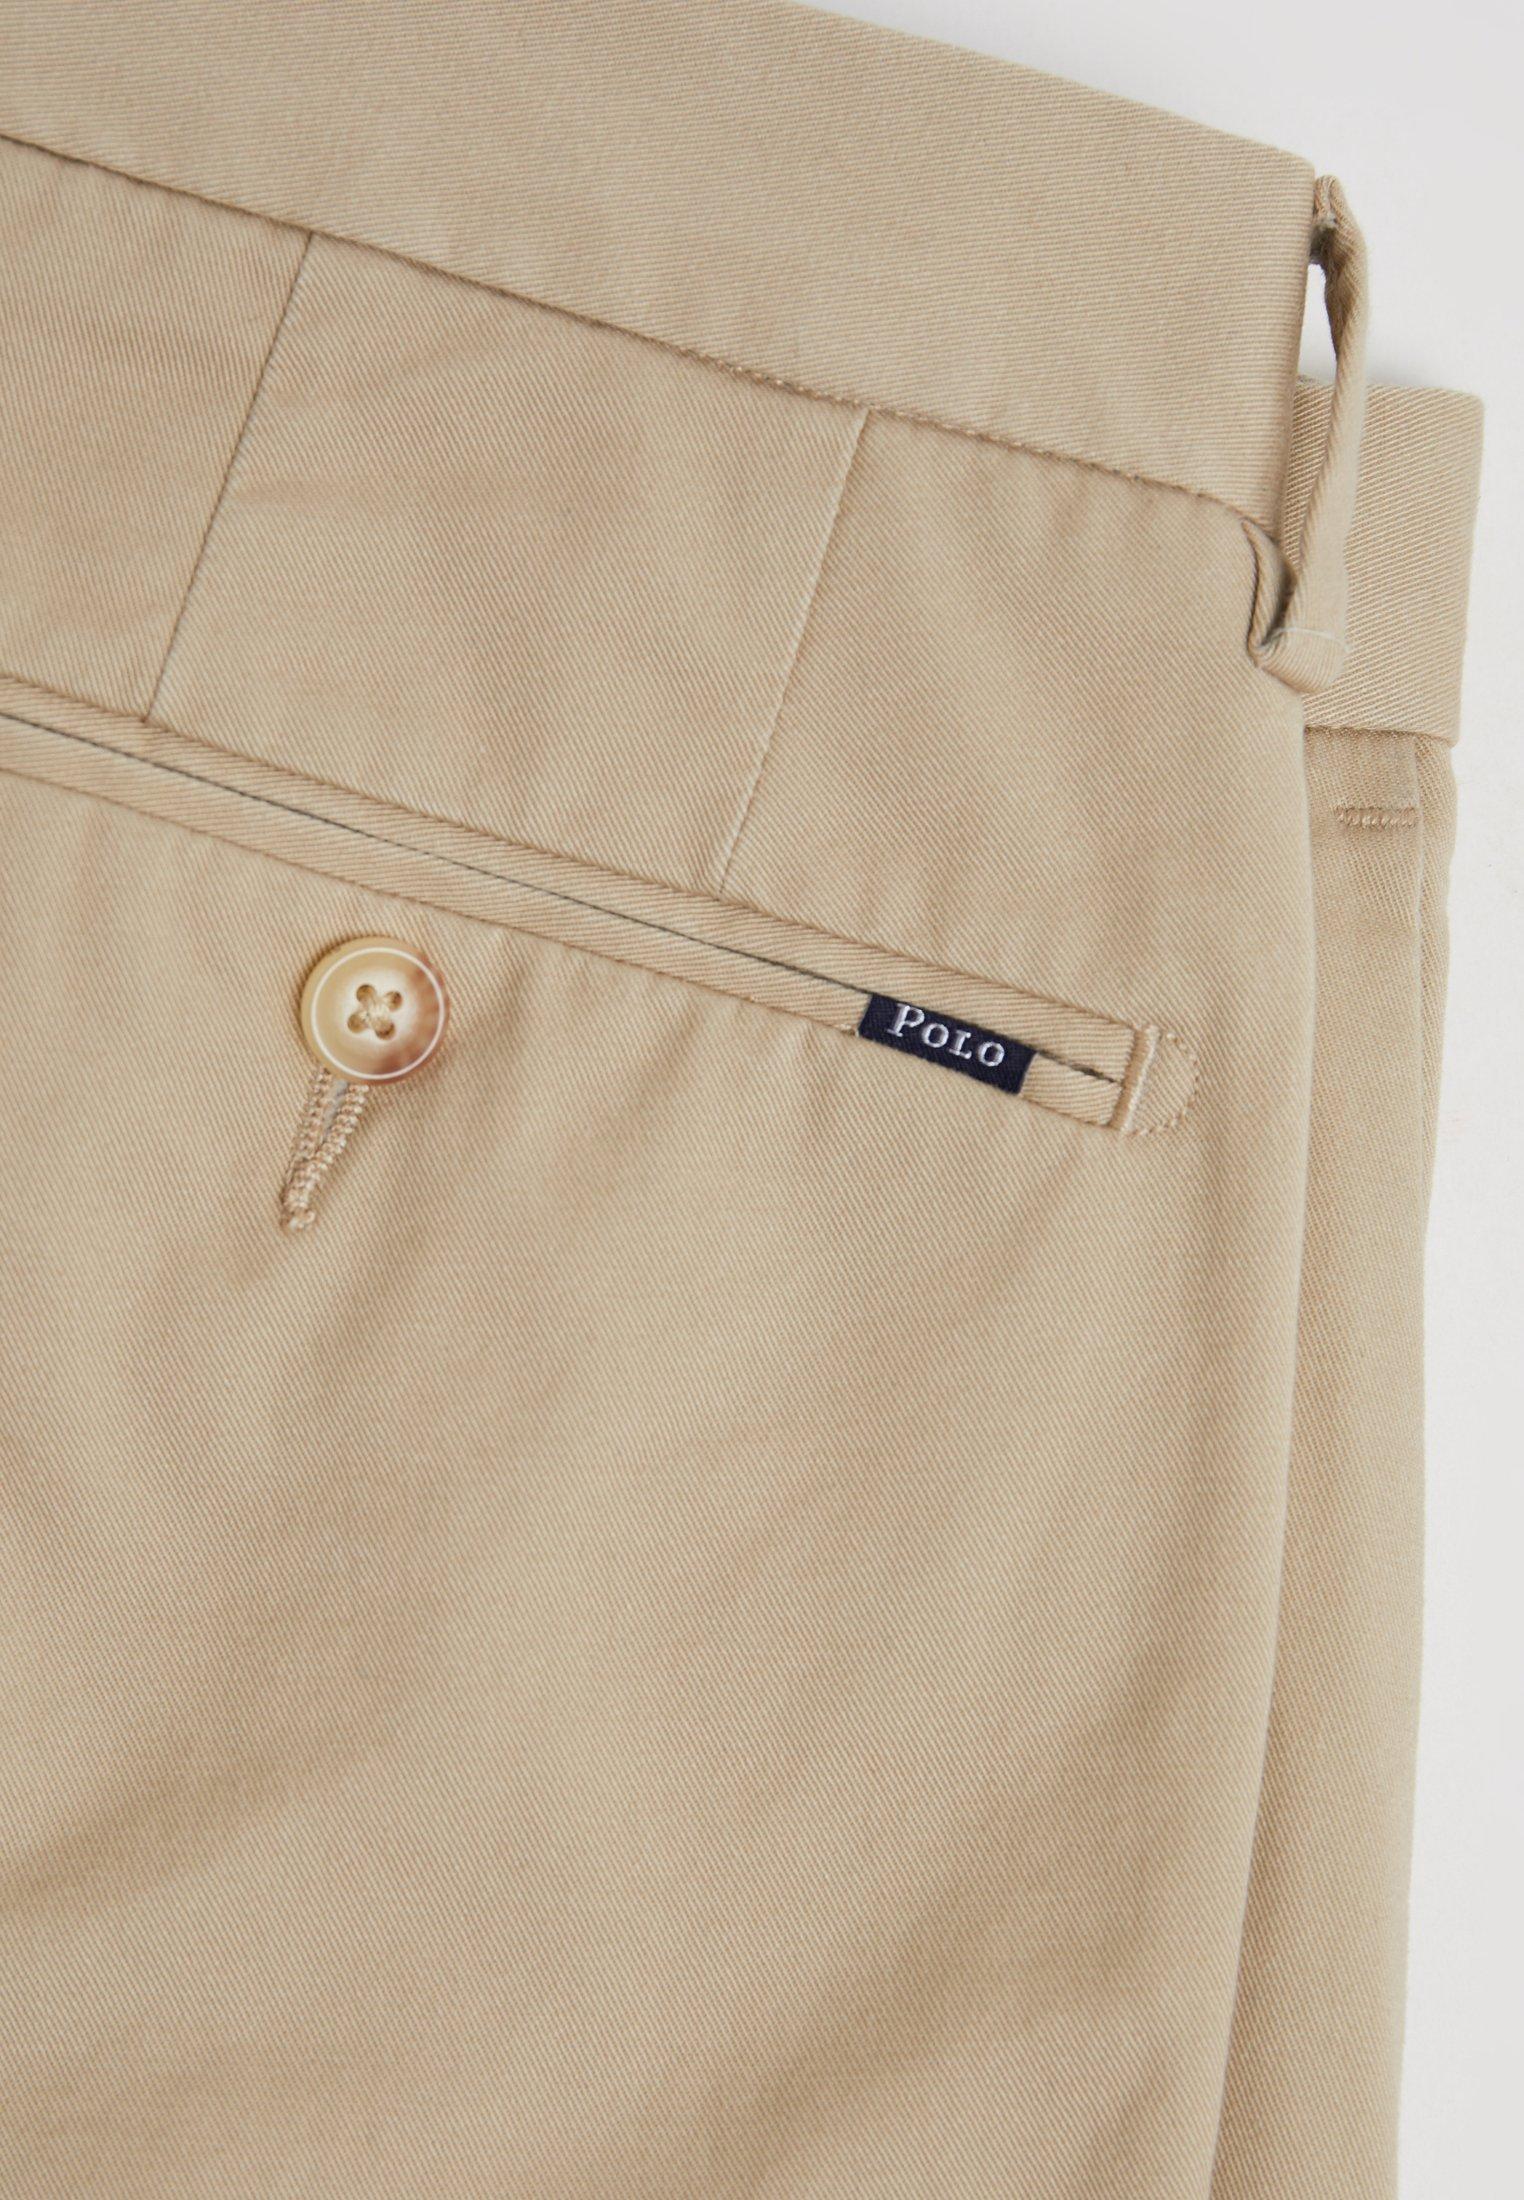 Polo Ralph Lauren FLAT PANT - Pantaloni - classic khaki